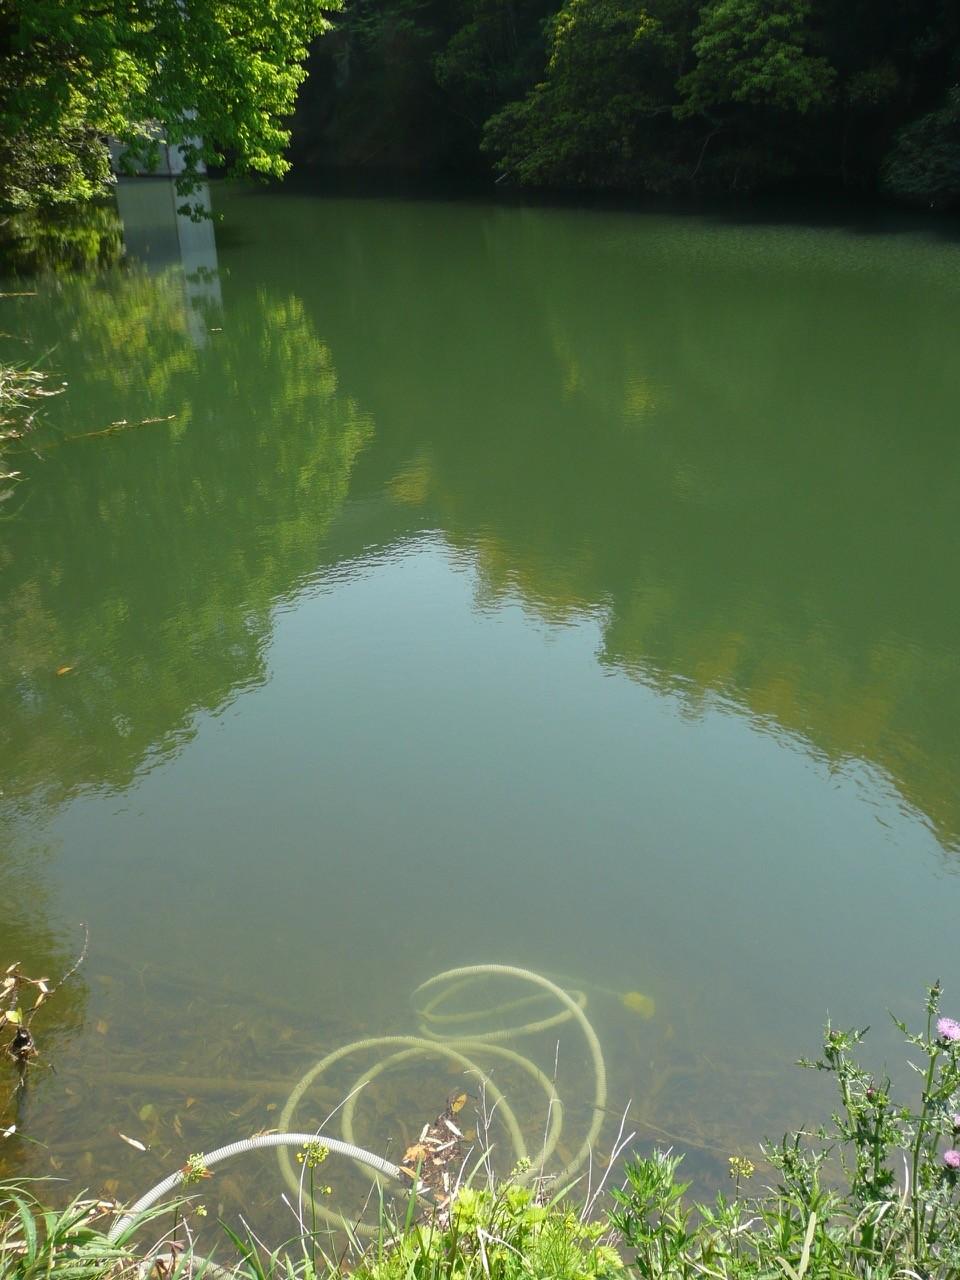 給水場の池、水は良い状態